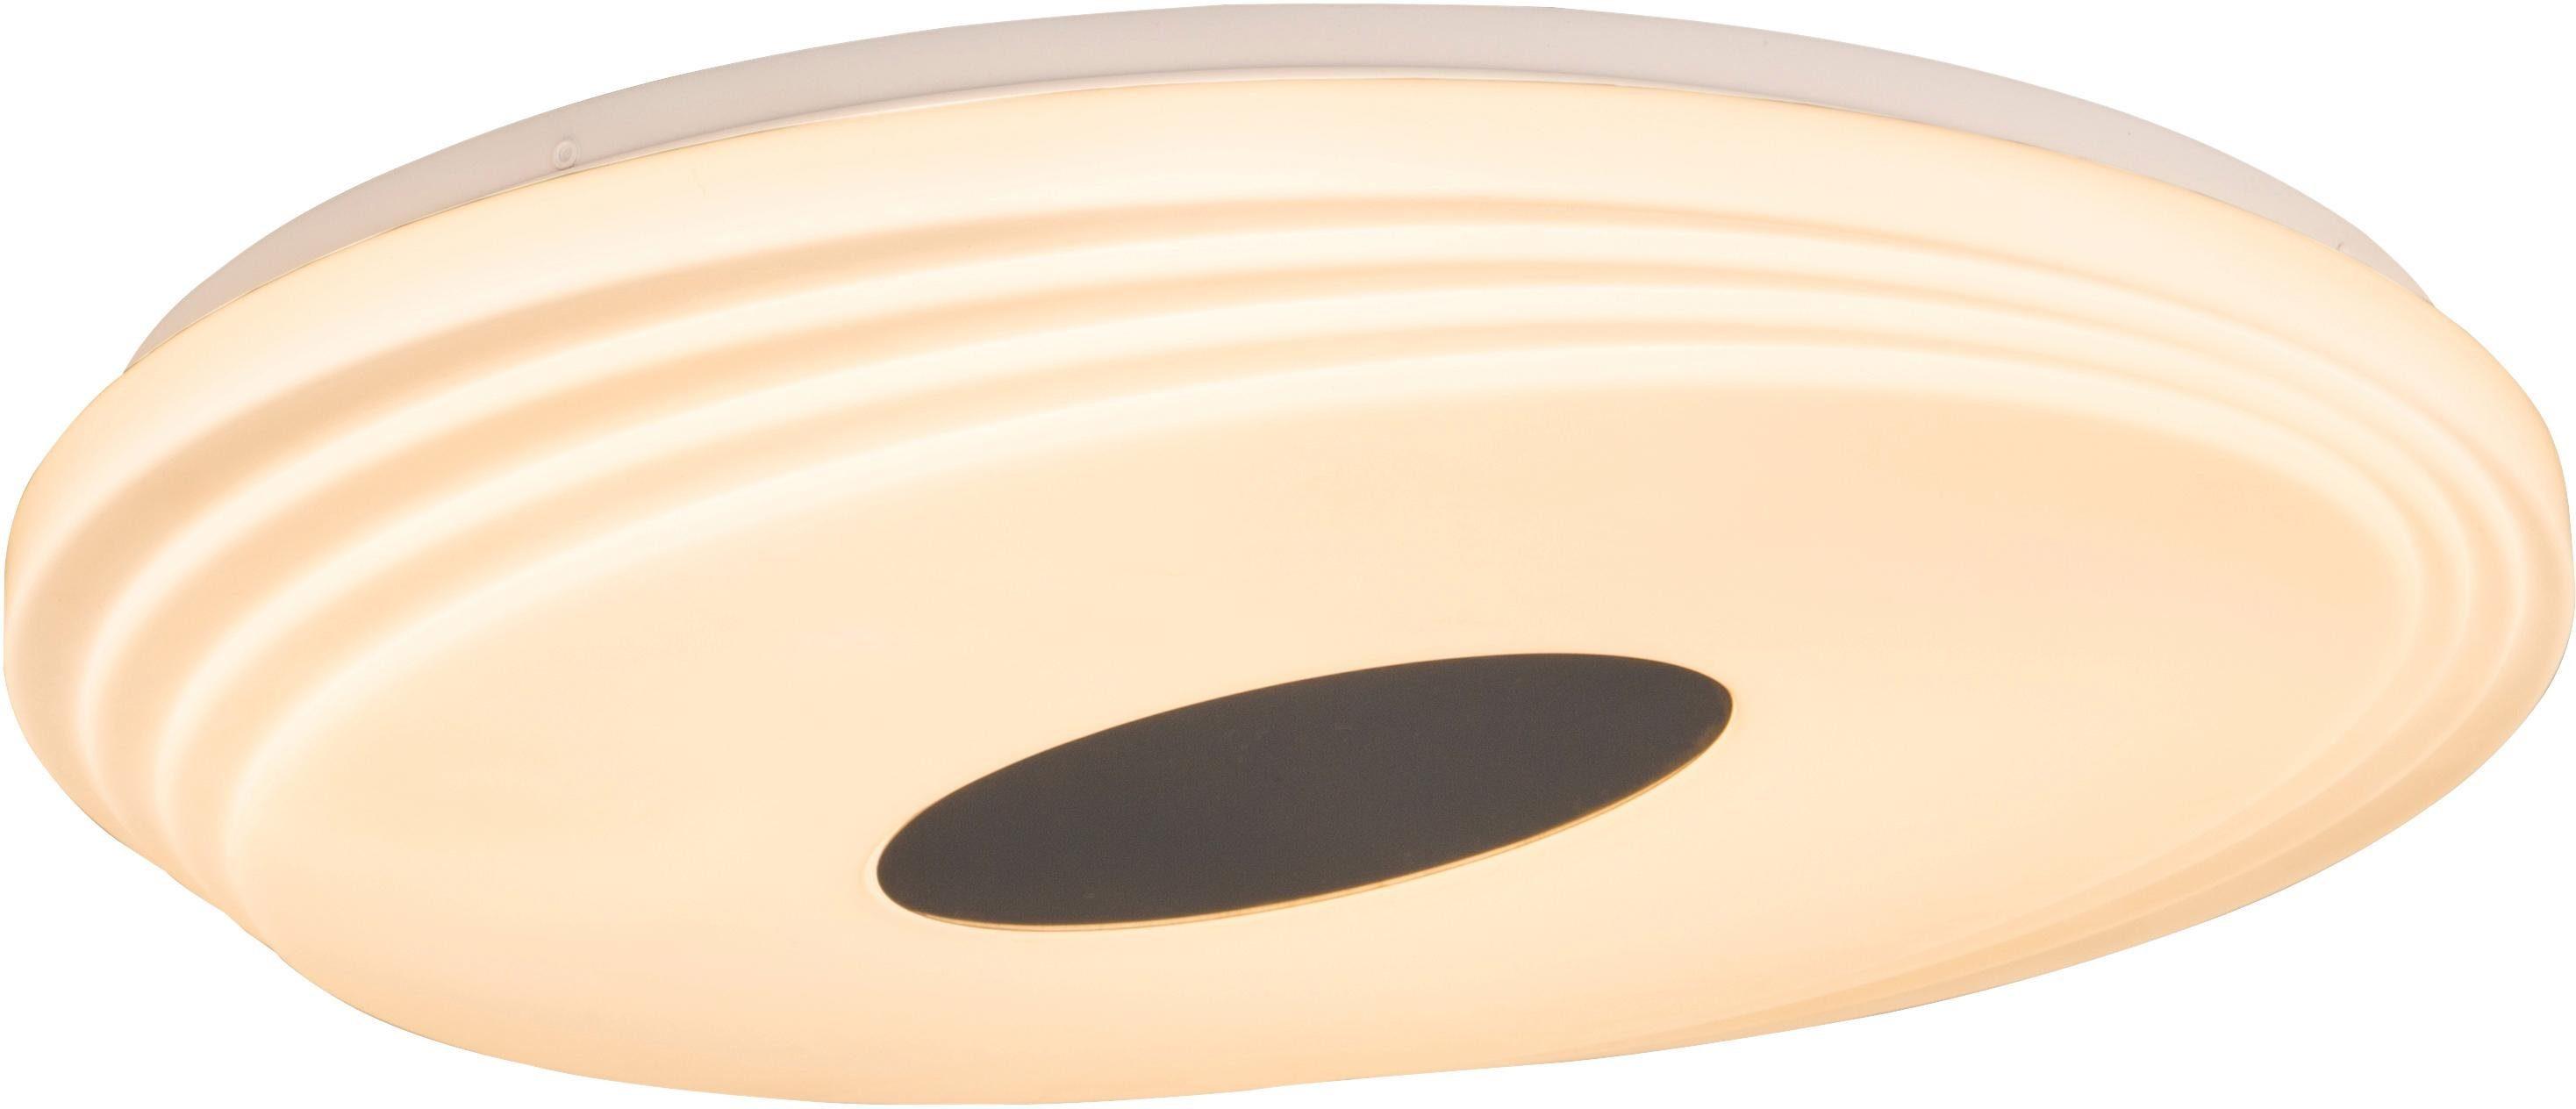 Nino Leuchten LED Deckenleuchte »UBE«, 1-flammig